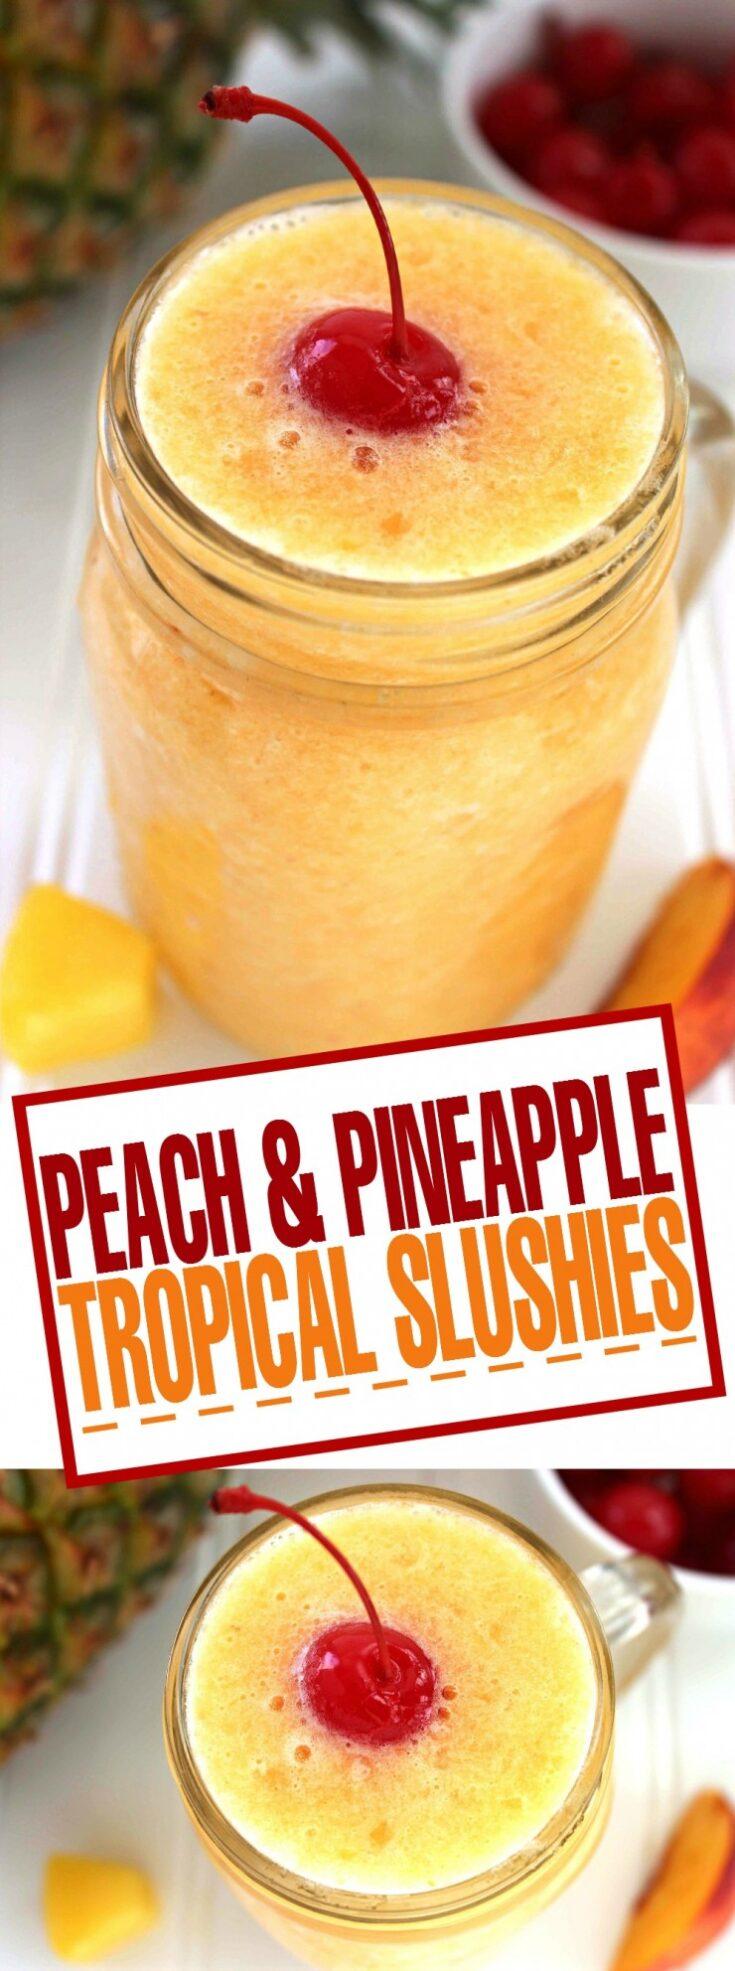 Peach & Pineapple Tropical Slushies